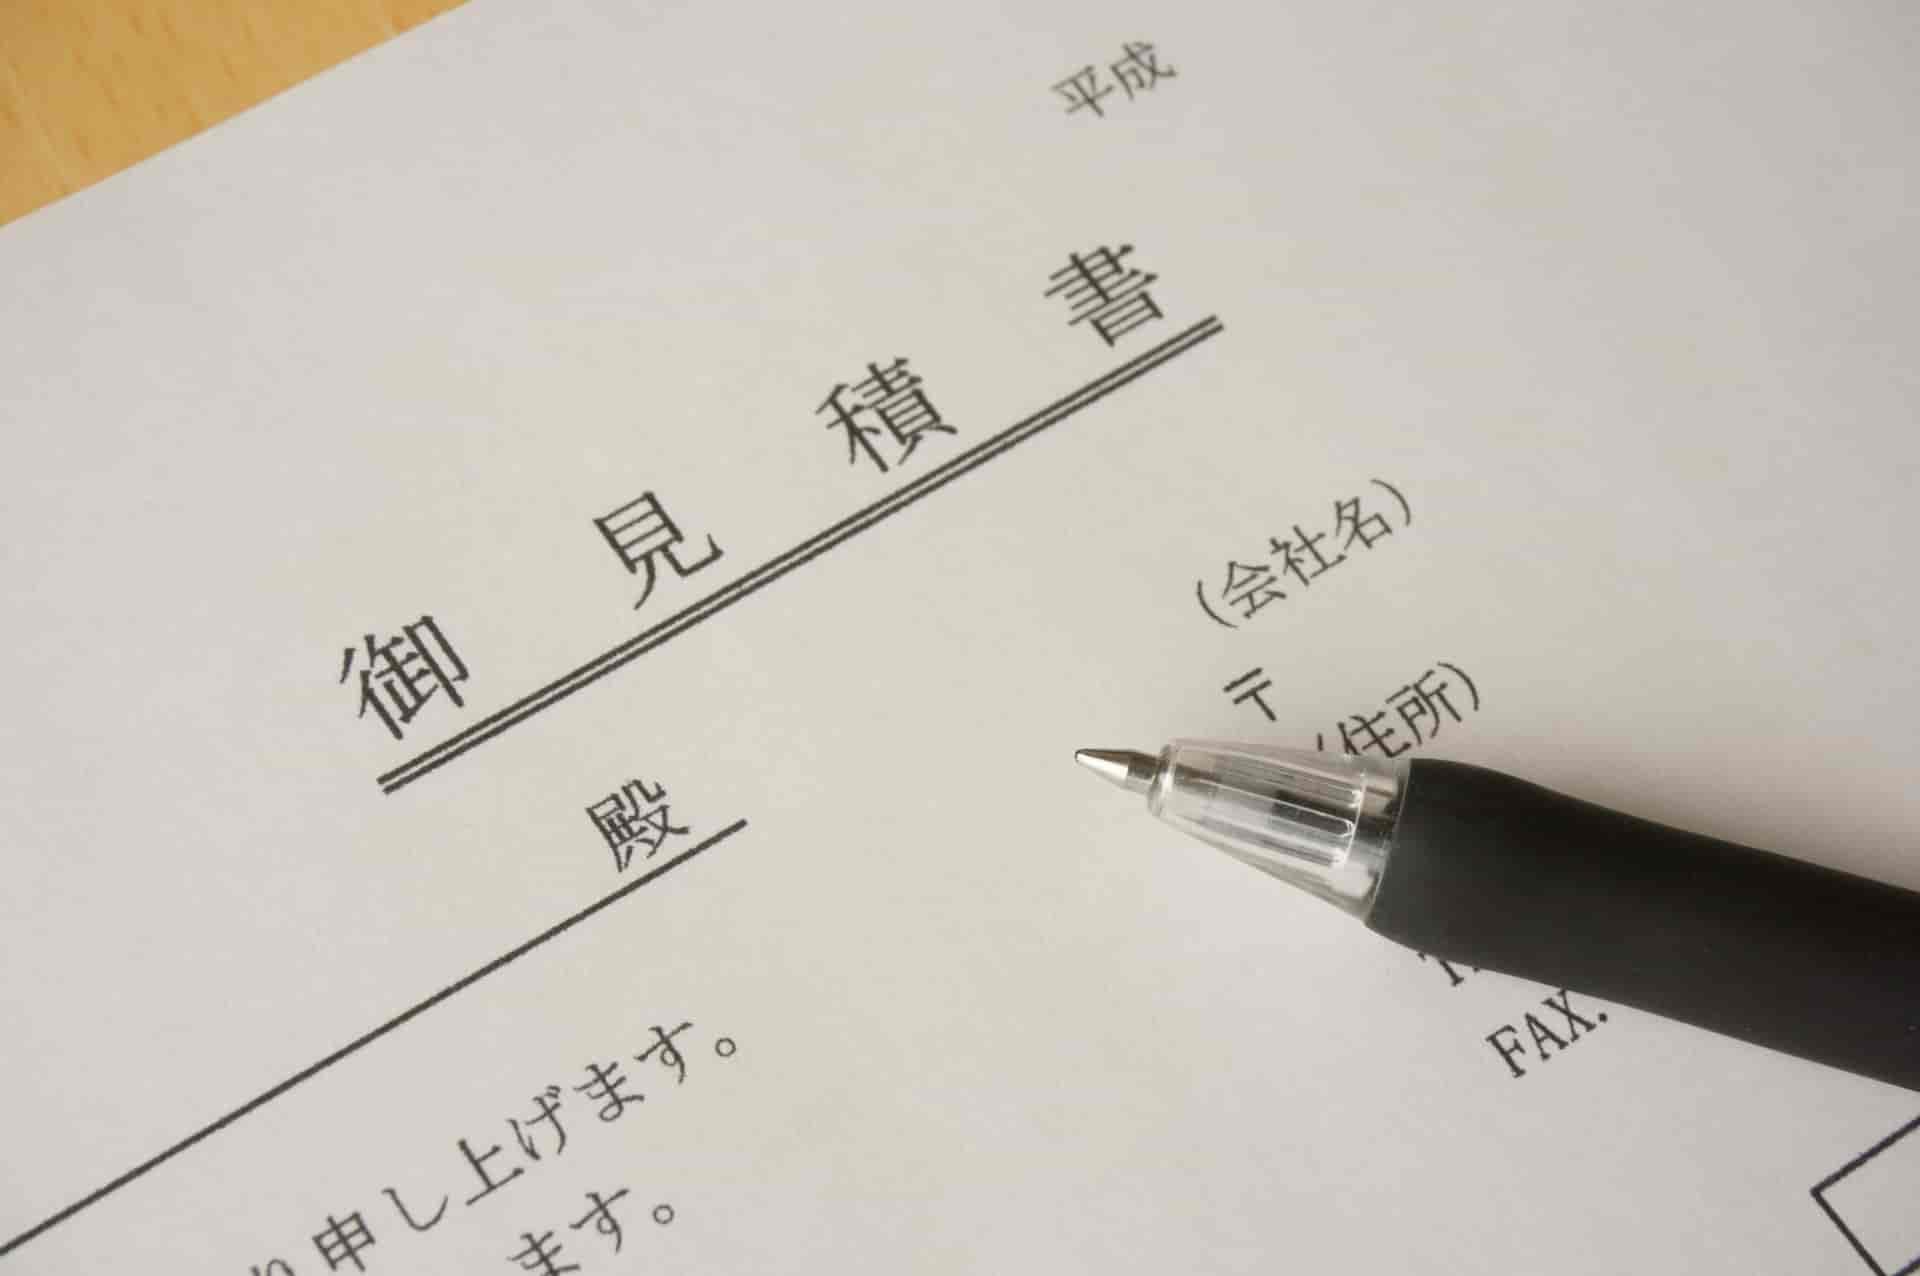 ラブ探偵事務所茨城県の浮気調査・素行調査料金を紹介